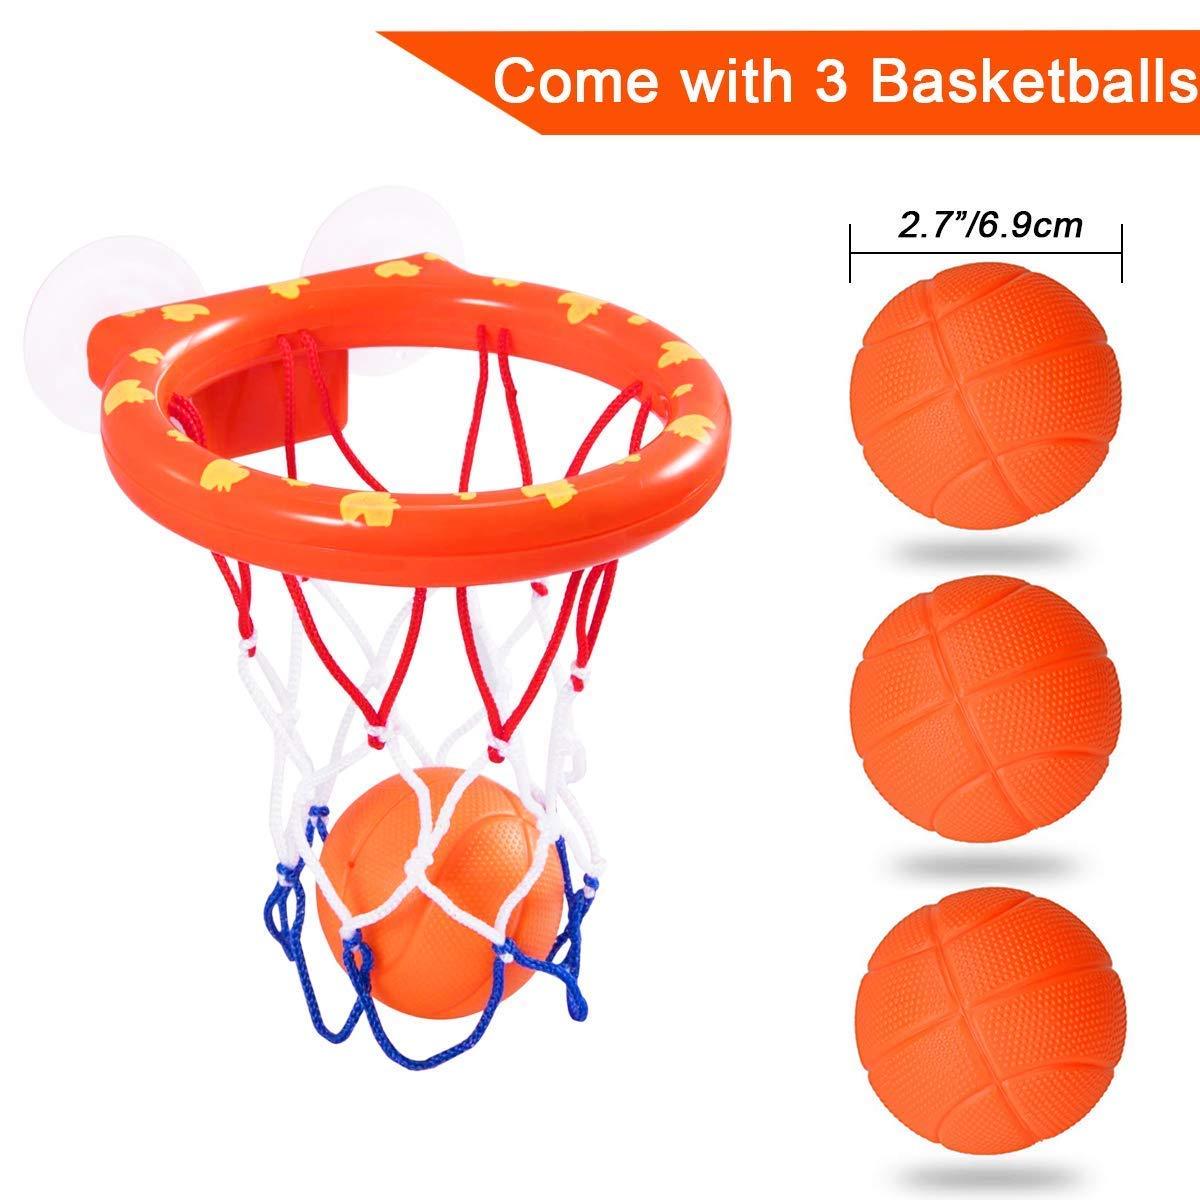 Jouet de Bain Basket et Cerceau Jeu de Bain cr/éatif pour Enfants avec ventouses 1 Panier, 3 balles BUYGOO Jouet de Bain b/éb/é Rigolo Filles 1 /à 6 Ans